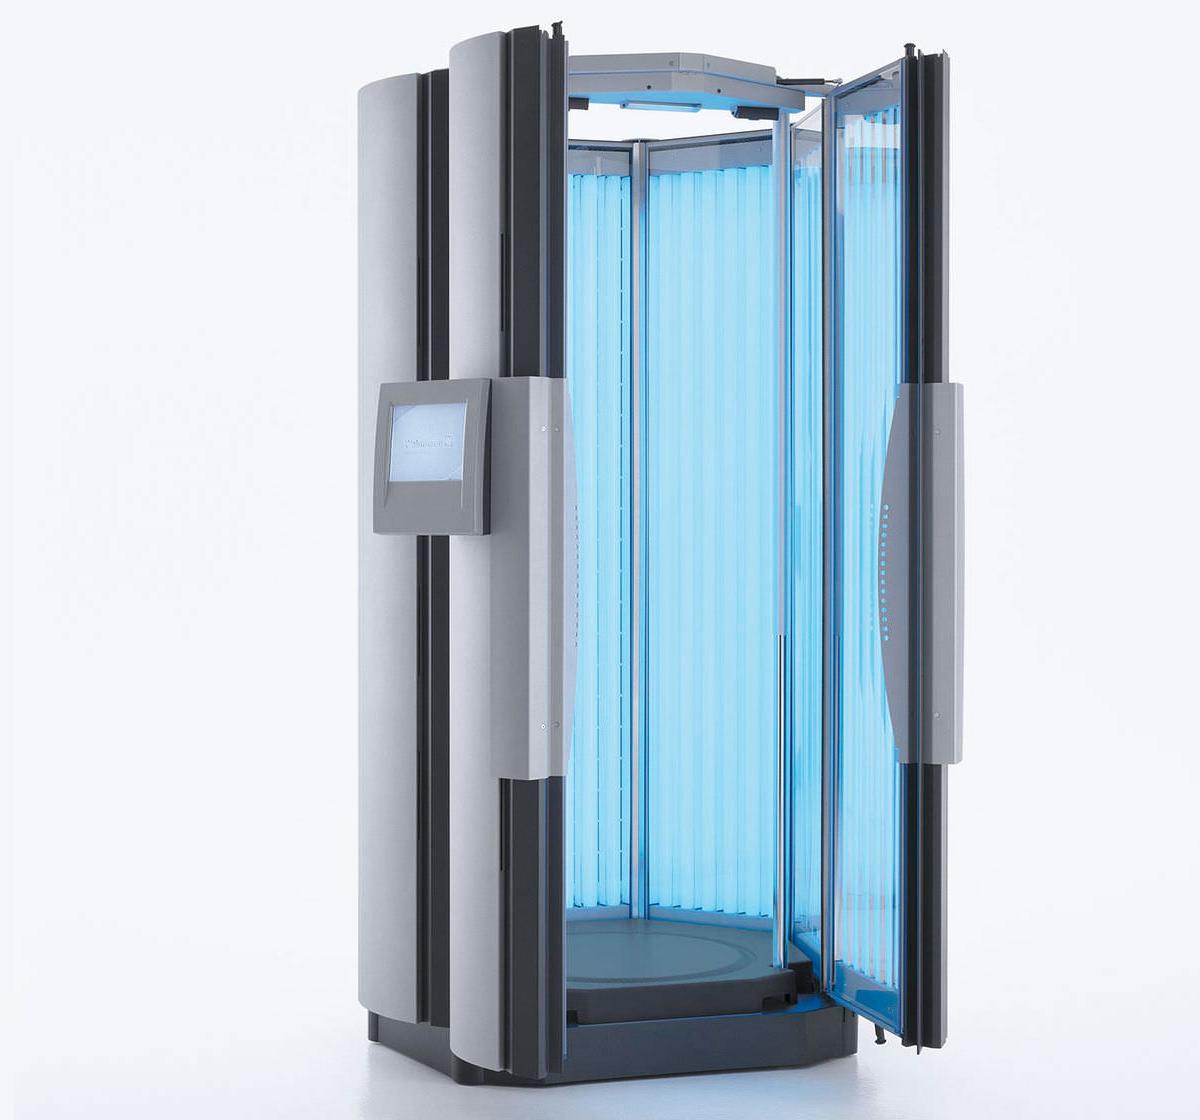 Photothérapie UV-A/B Cabinet Dermatologie Dr EBENGO Genève